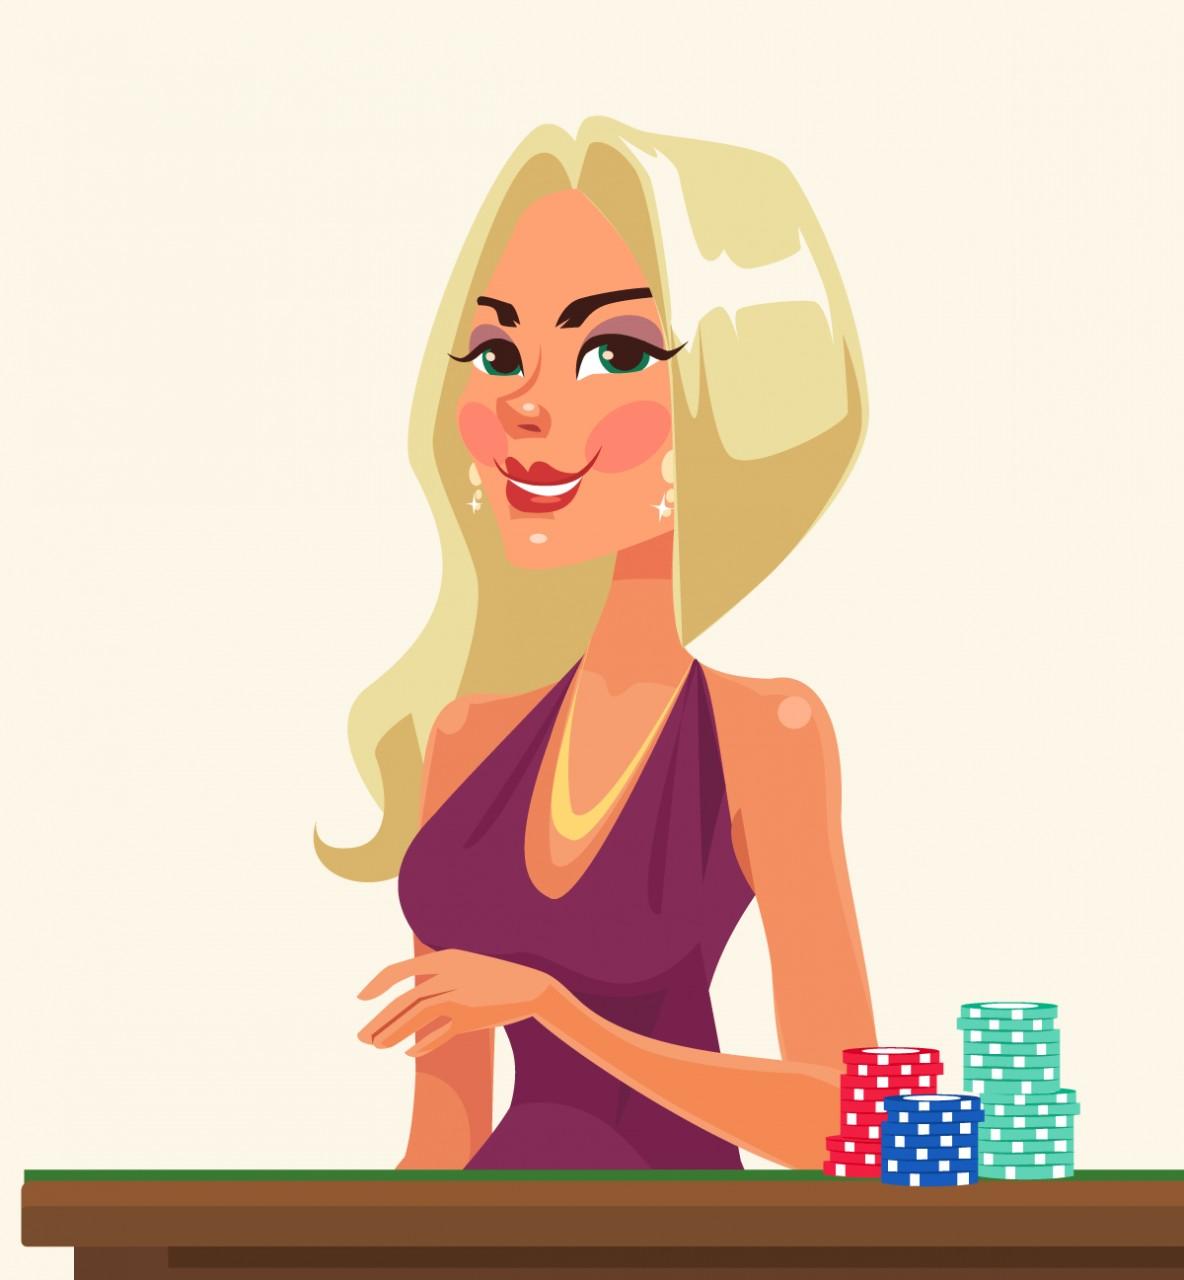 Анекдот о нереальном везении блондинки в казино